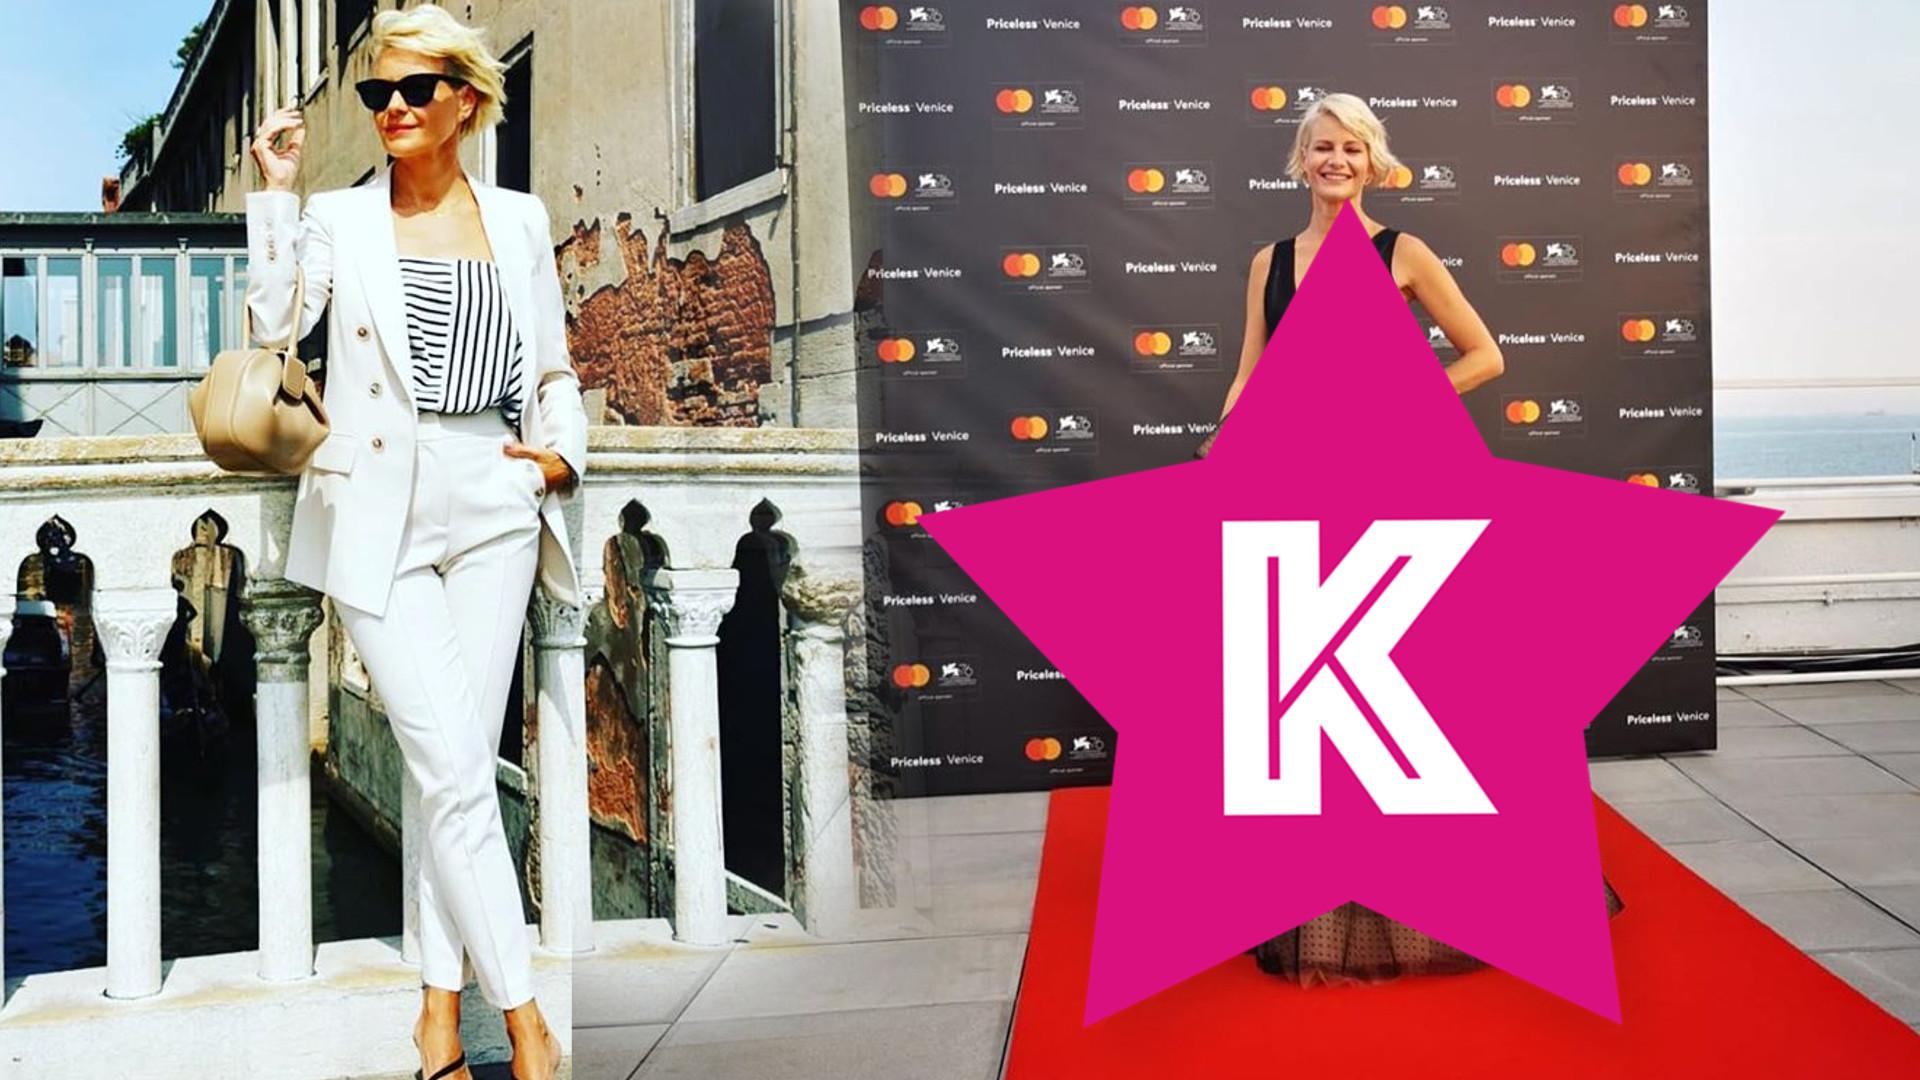 Małgorzata Kożuchowska zadała szyku na Festiwalu Filmowym w Wenecji. Jej stylizacja zachwyca